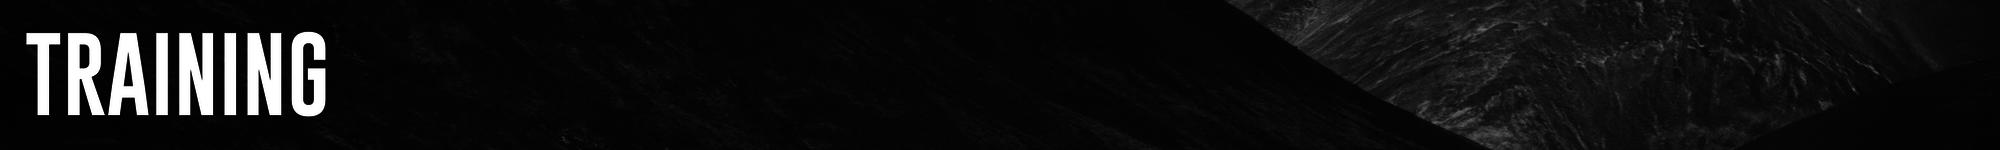 14663516898 094e59166b k